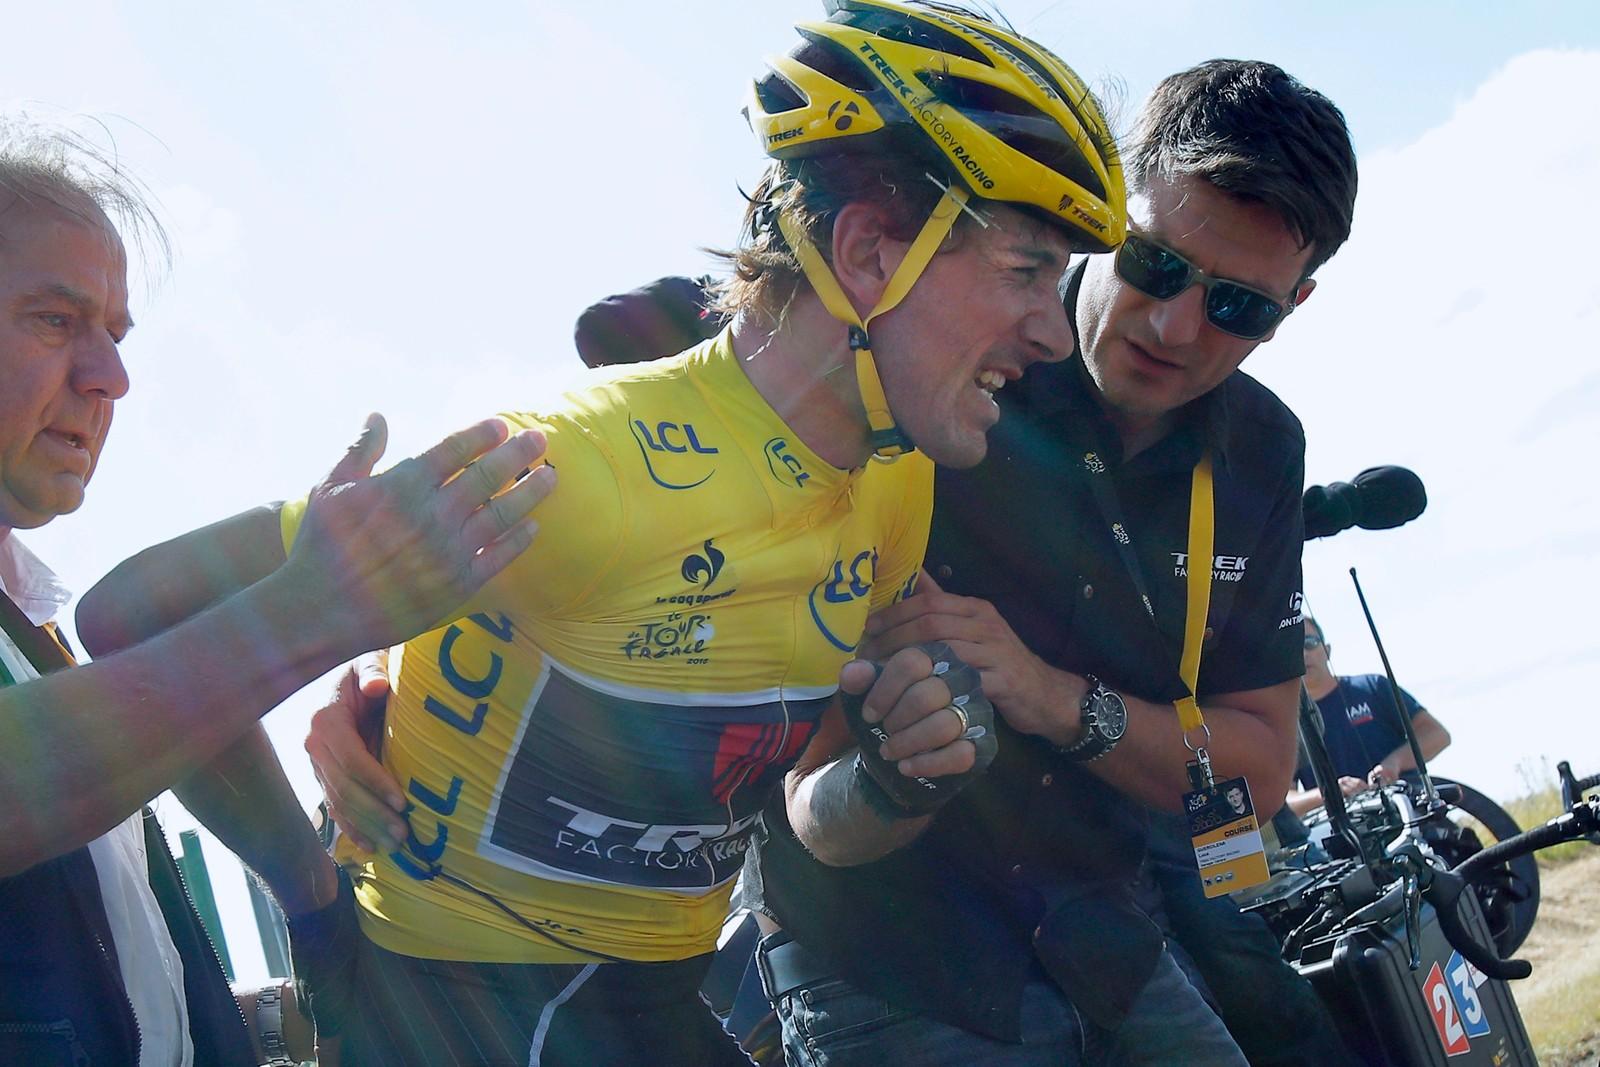 Herlige Fabian Cancellara måtte dessverre bryte etter fallet på den tredje etappen. (AP Photo/Christophe Ena)